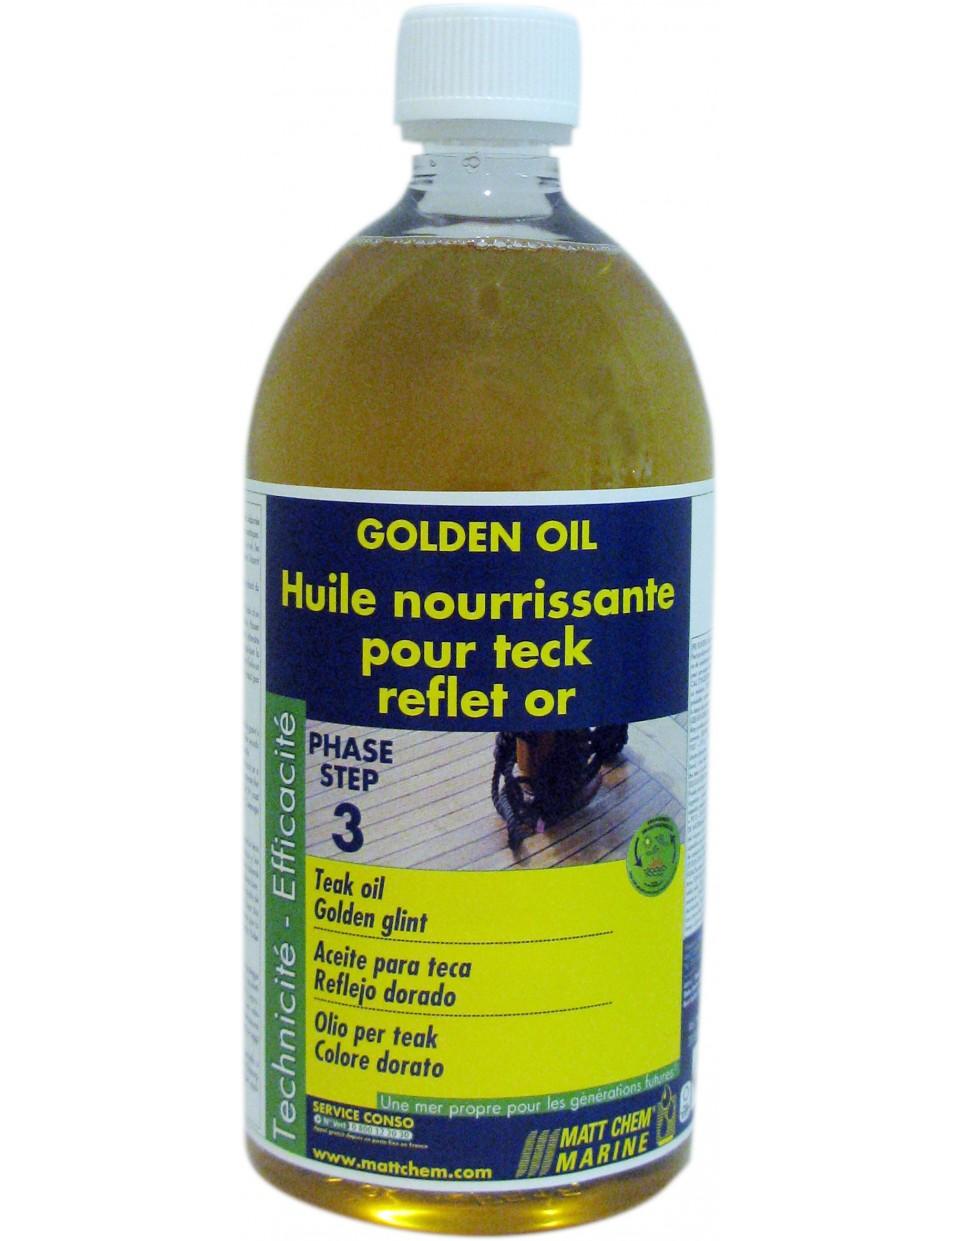 GOLDEN OIL